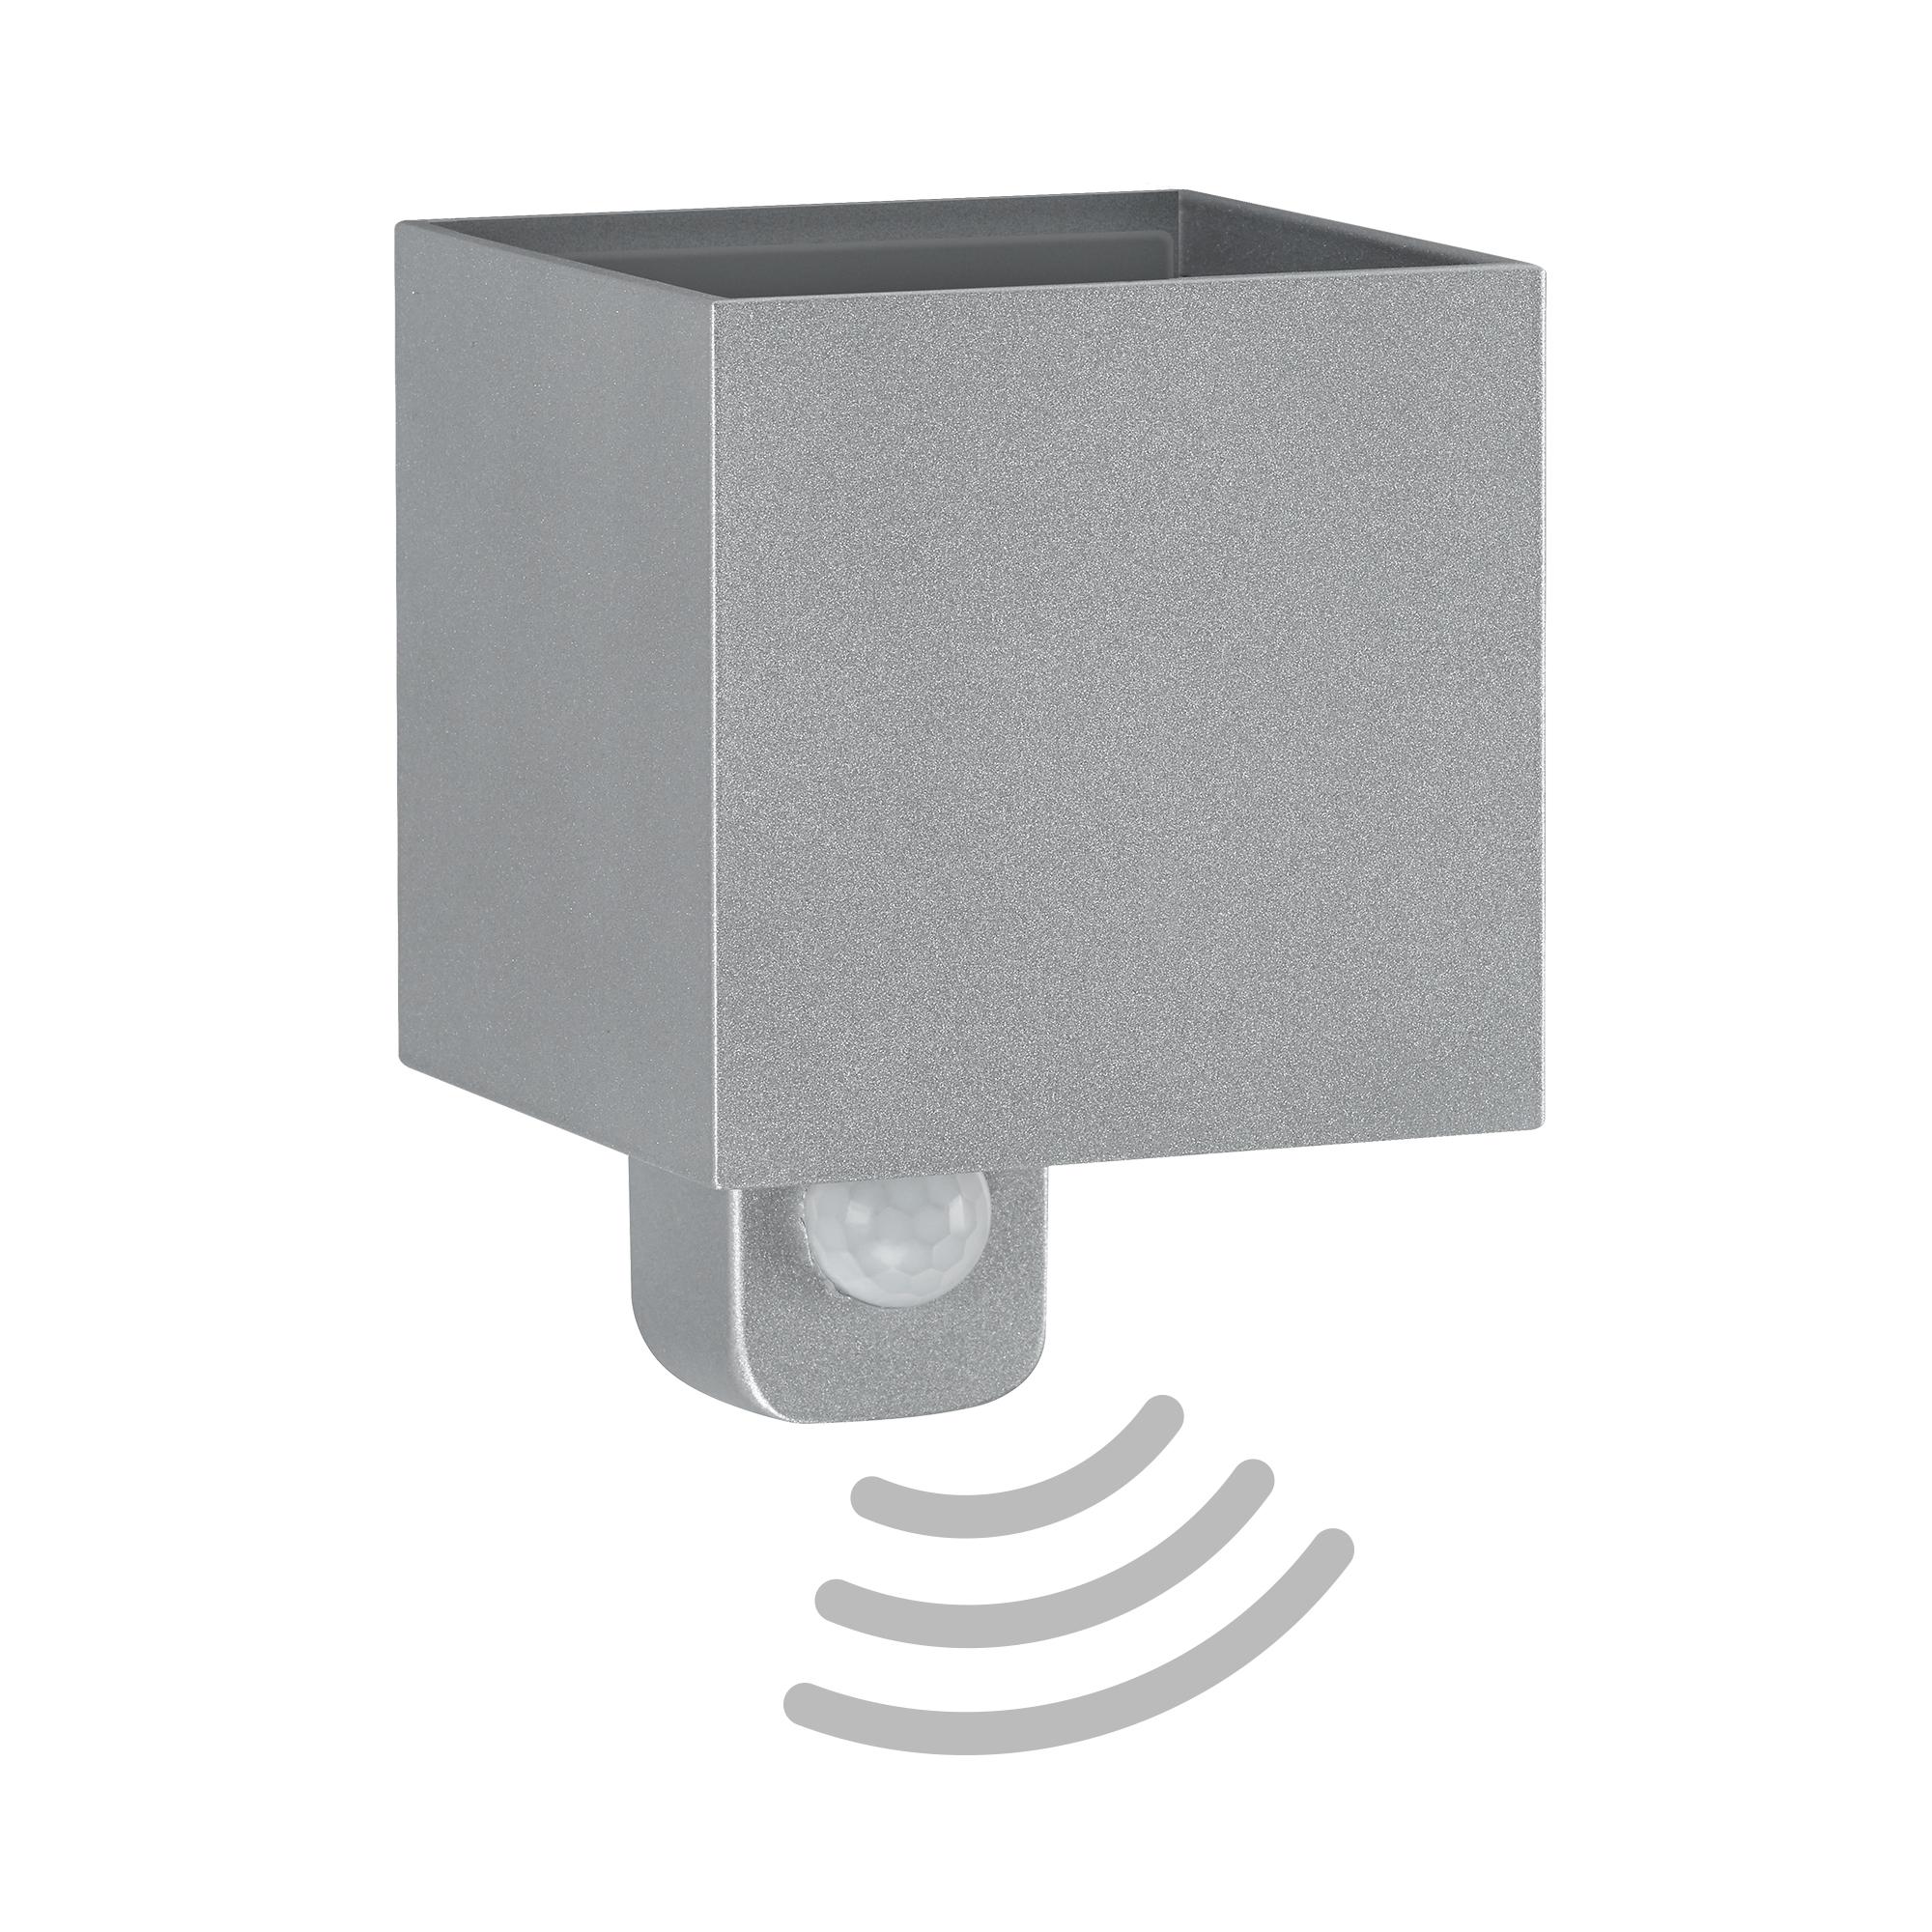 TELEFUNKEN LED Außenwandleuchte, 11 cm, 7 W, Silber